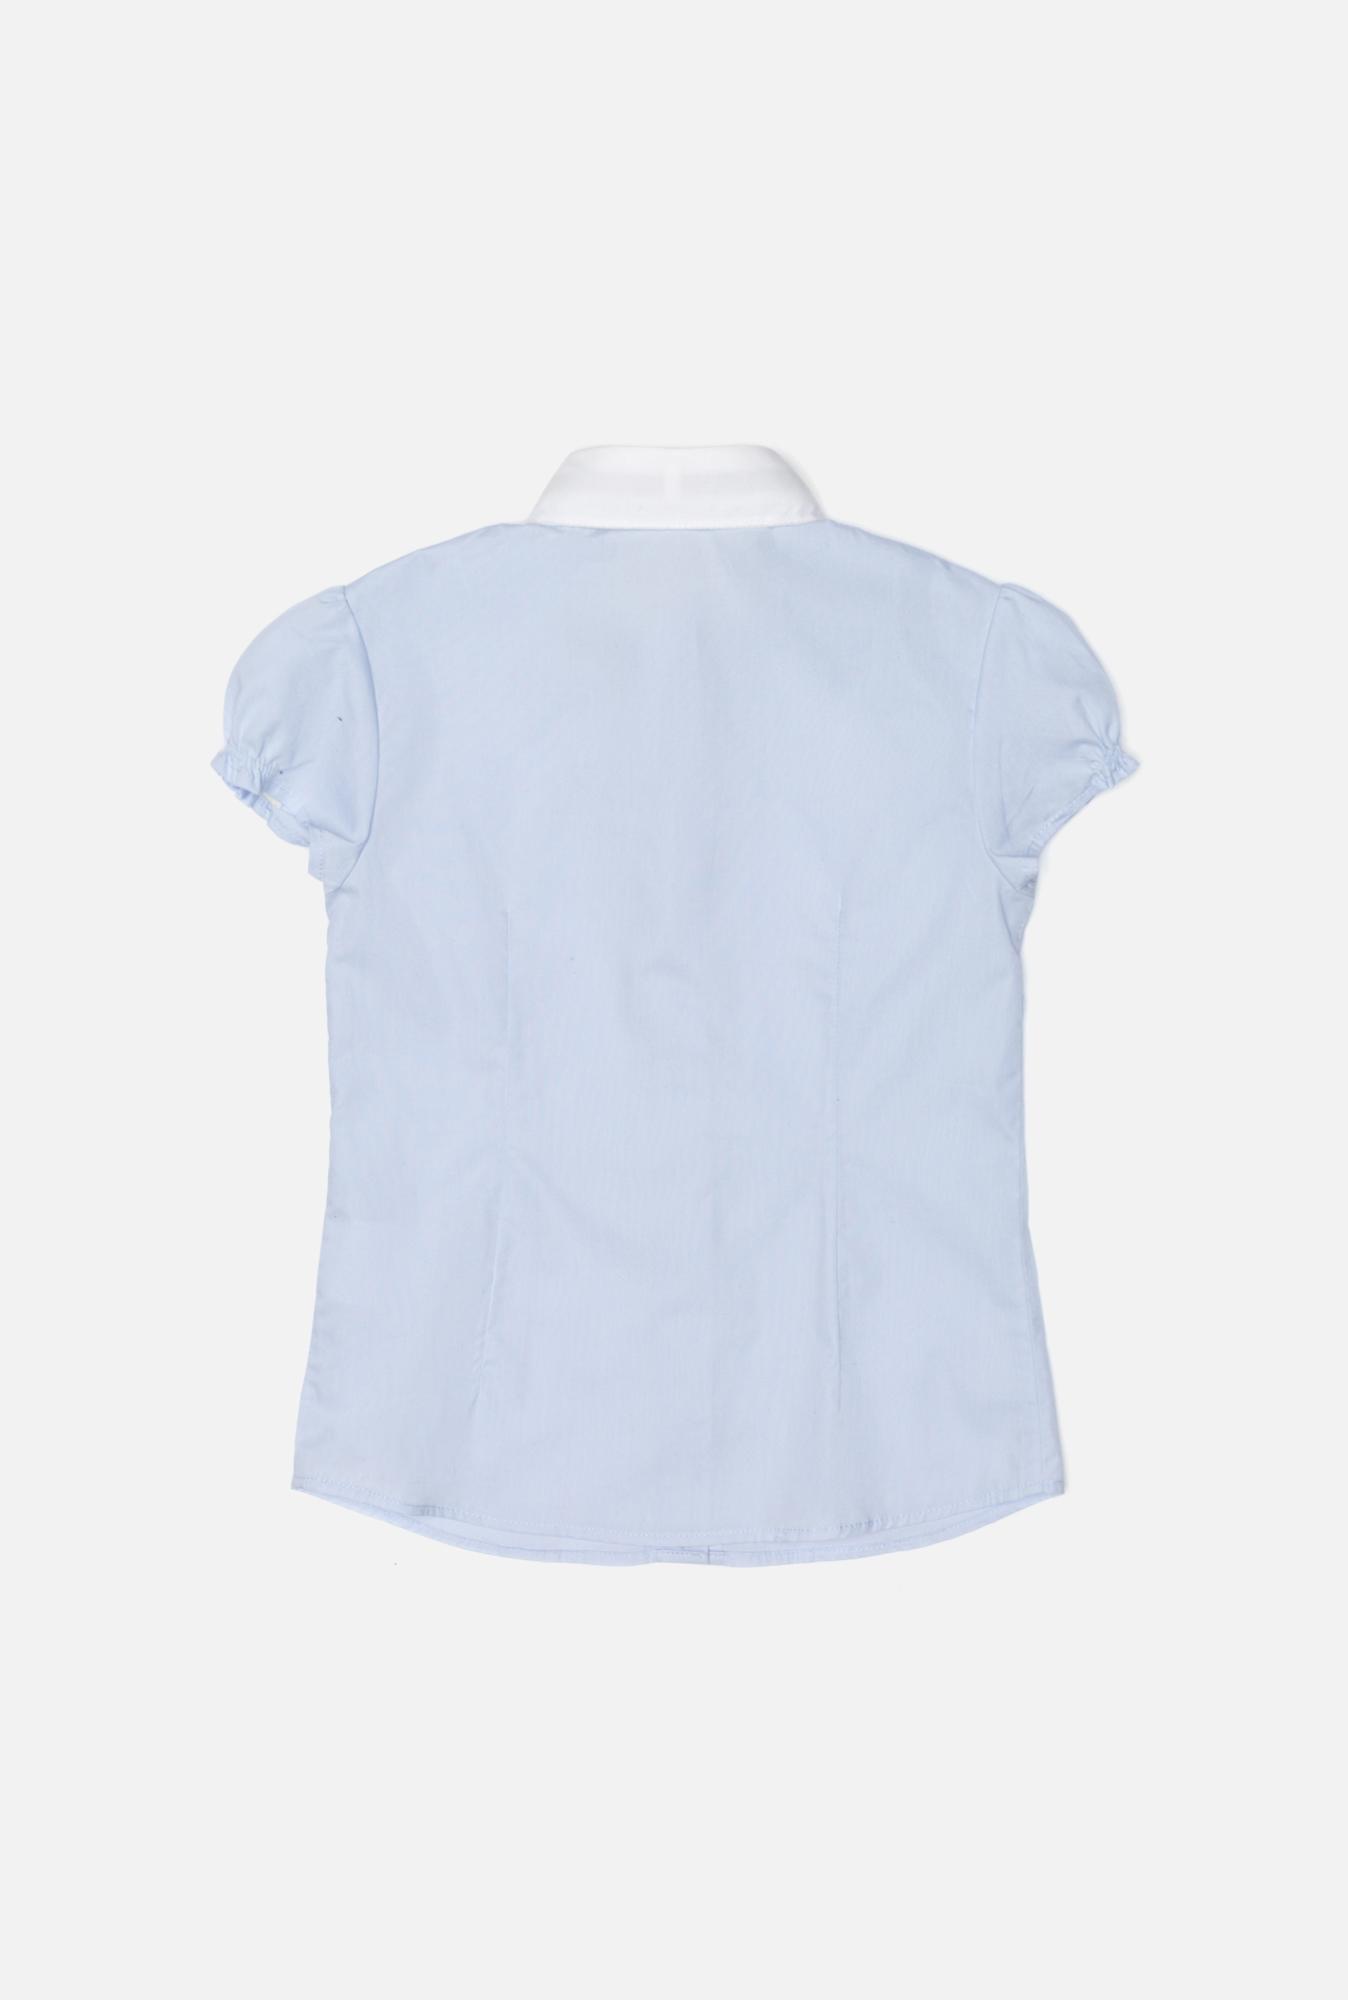 20200270003 Блузка детская для девочек Zeyn голубой